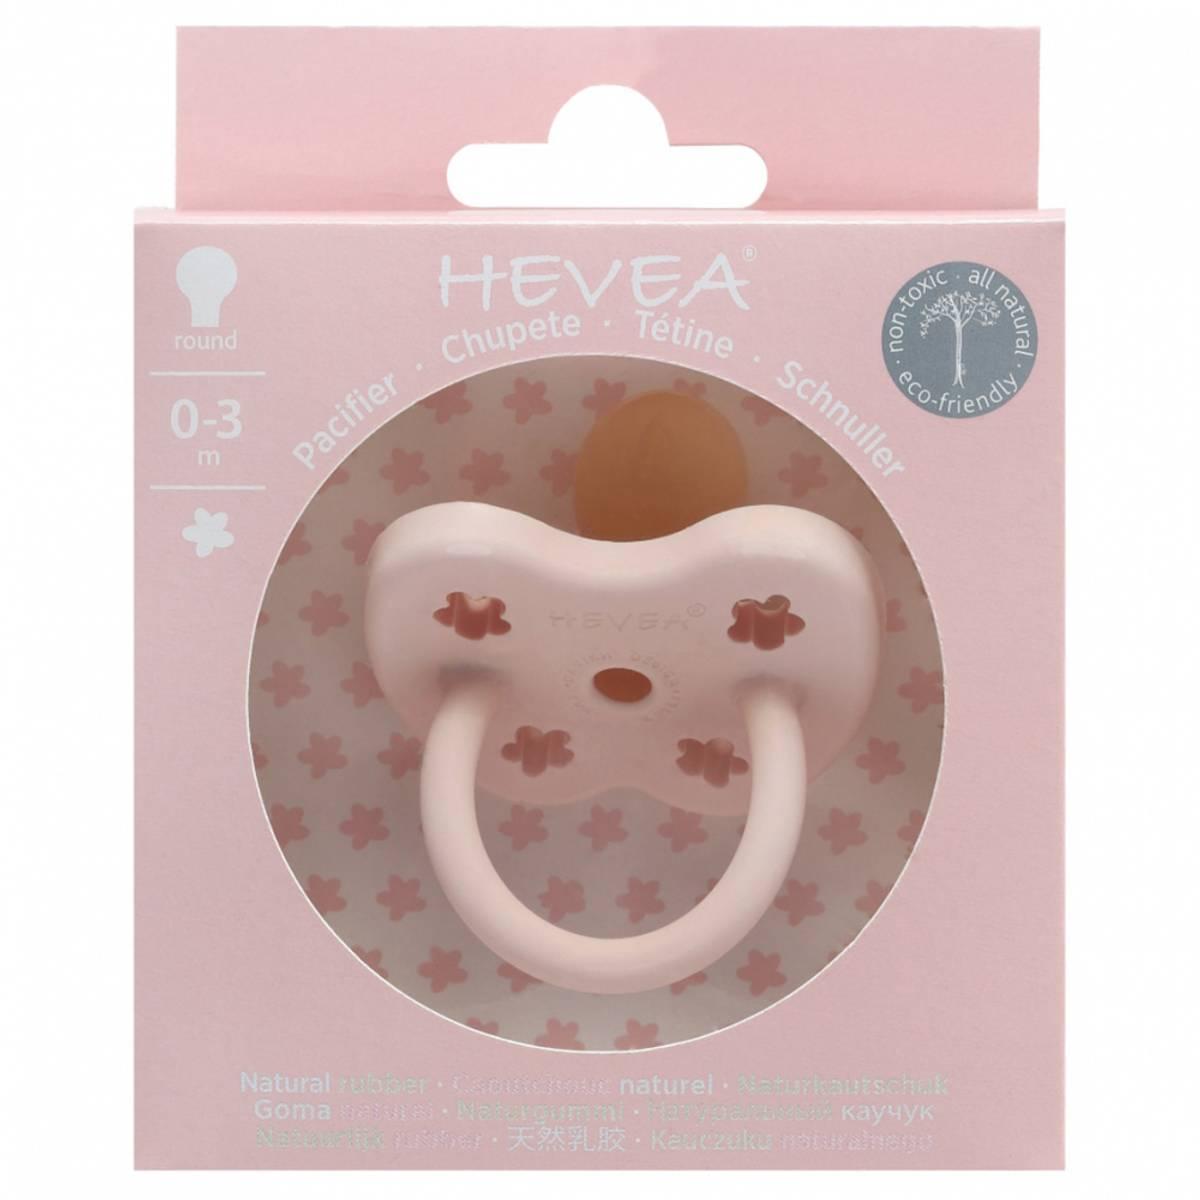 Rund smokk 0-3 mnd Powder Pink / Hevea